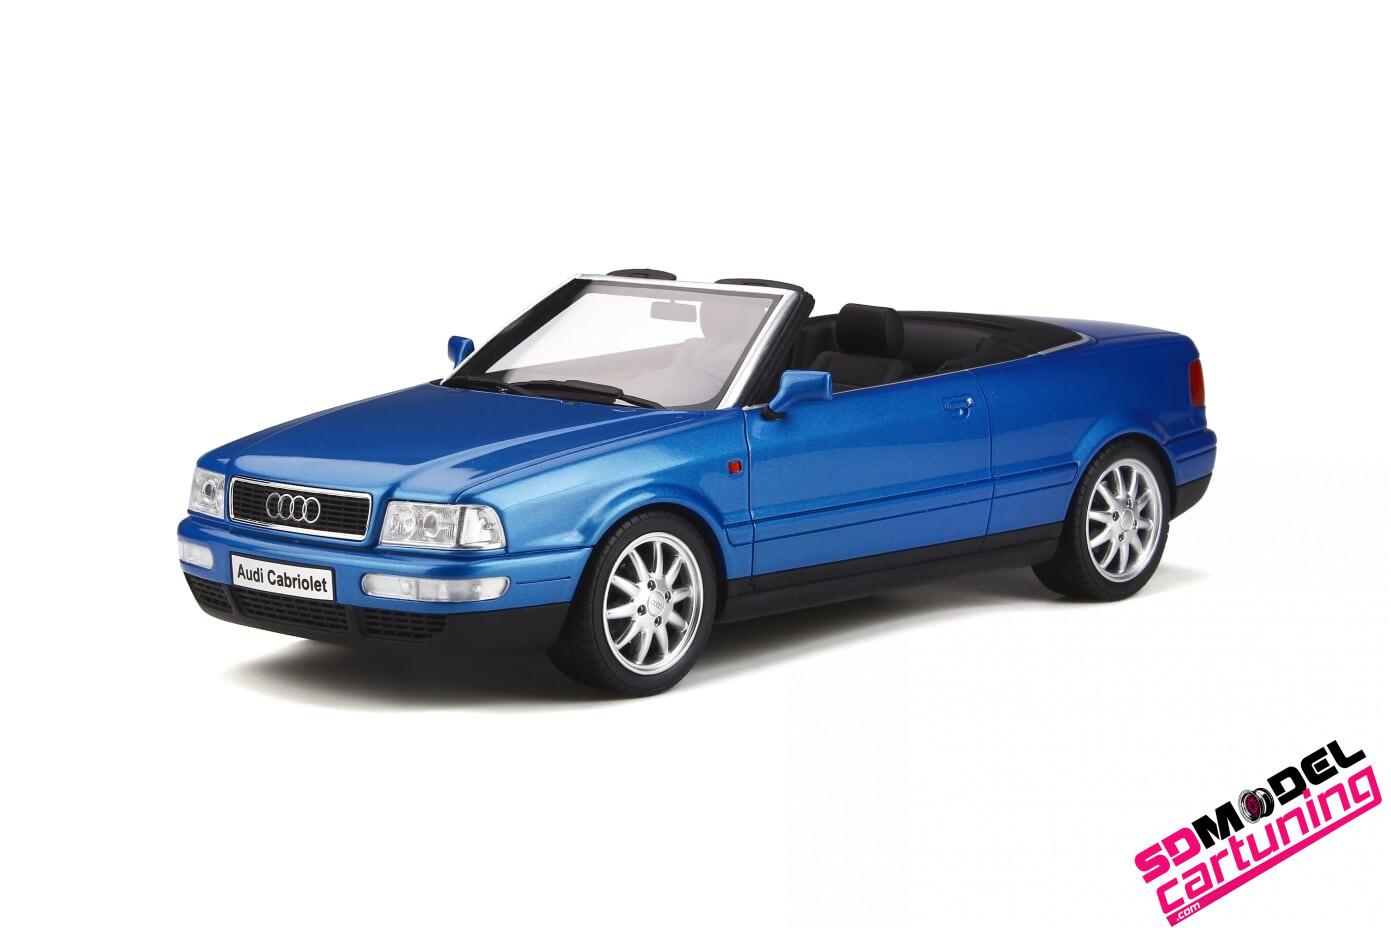 1:18 Audi 80 Cabriolet